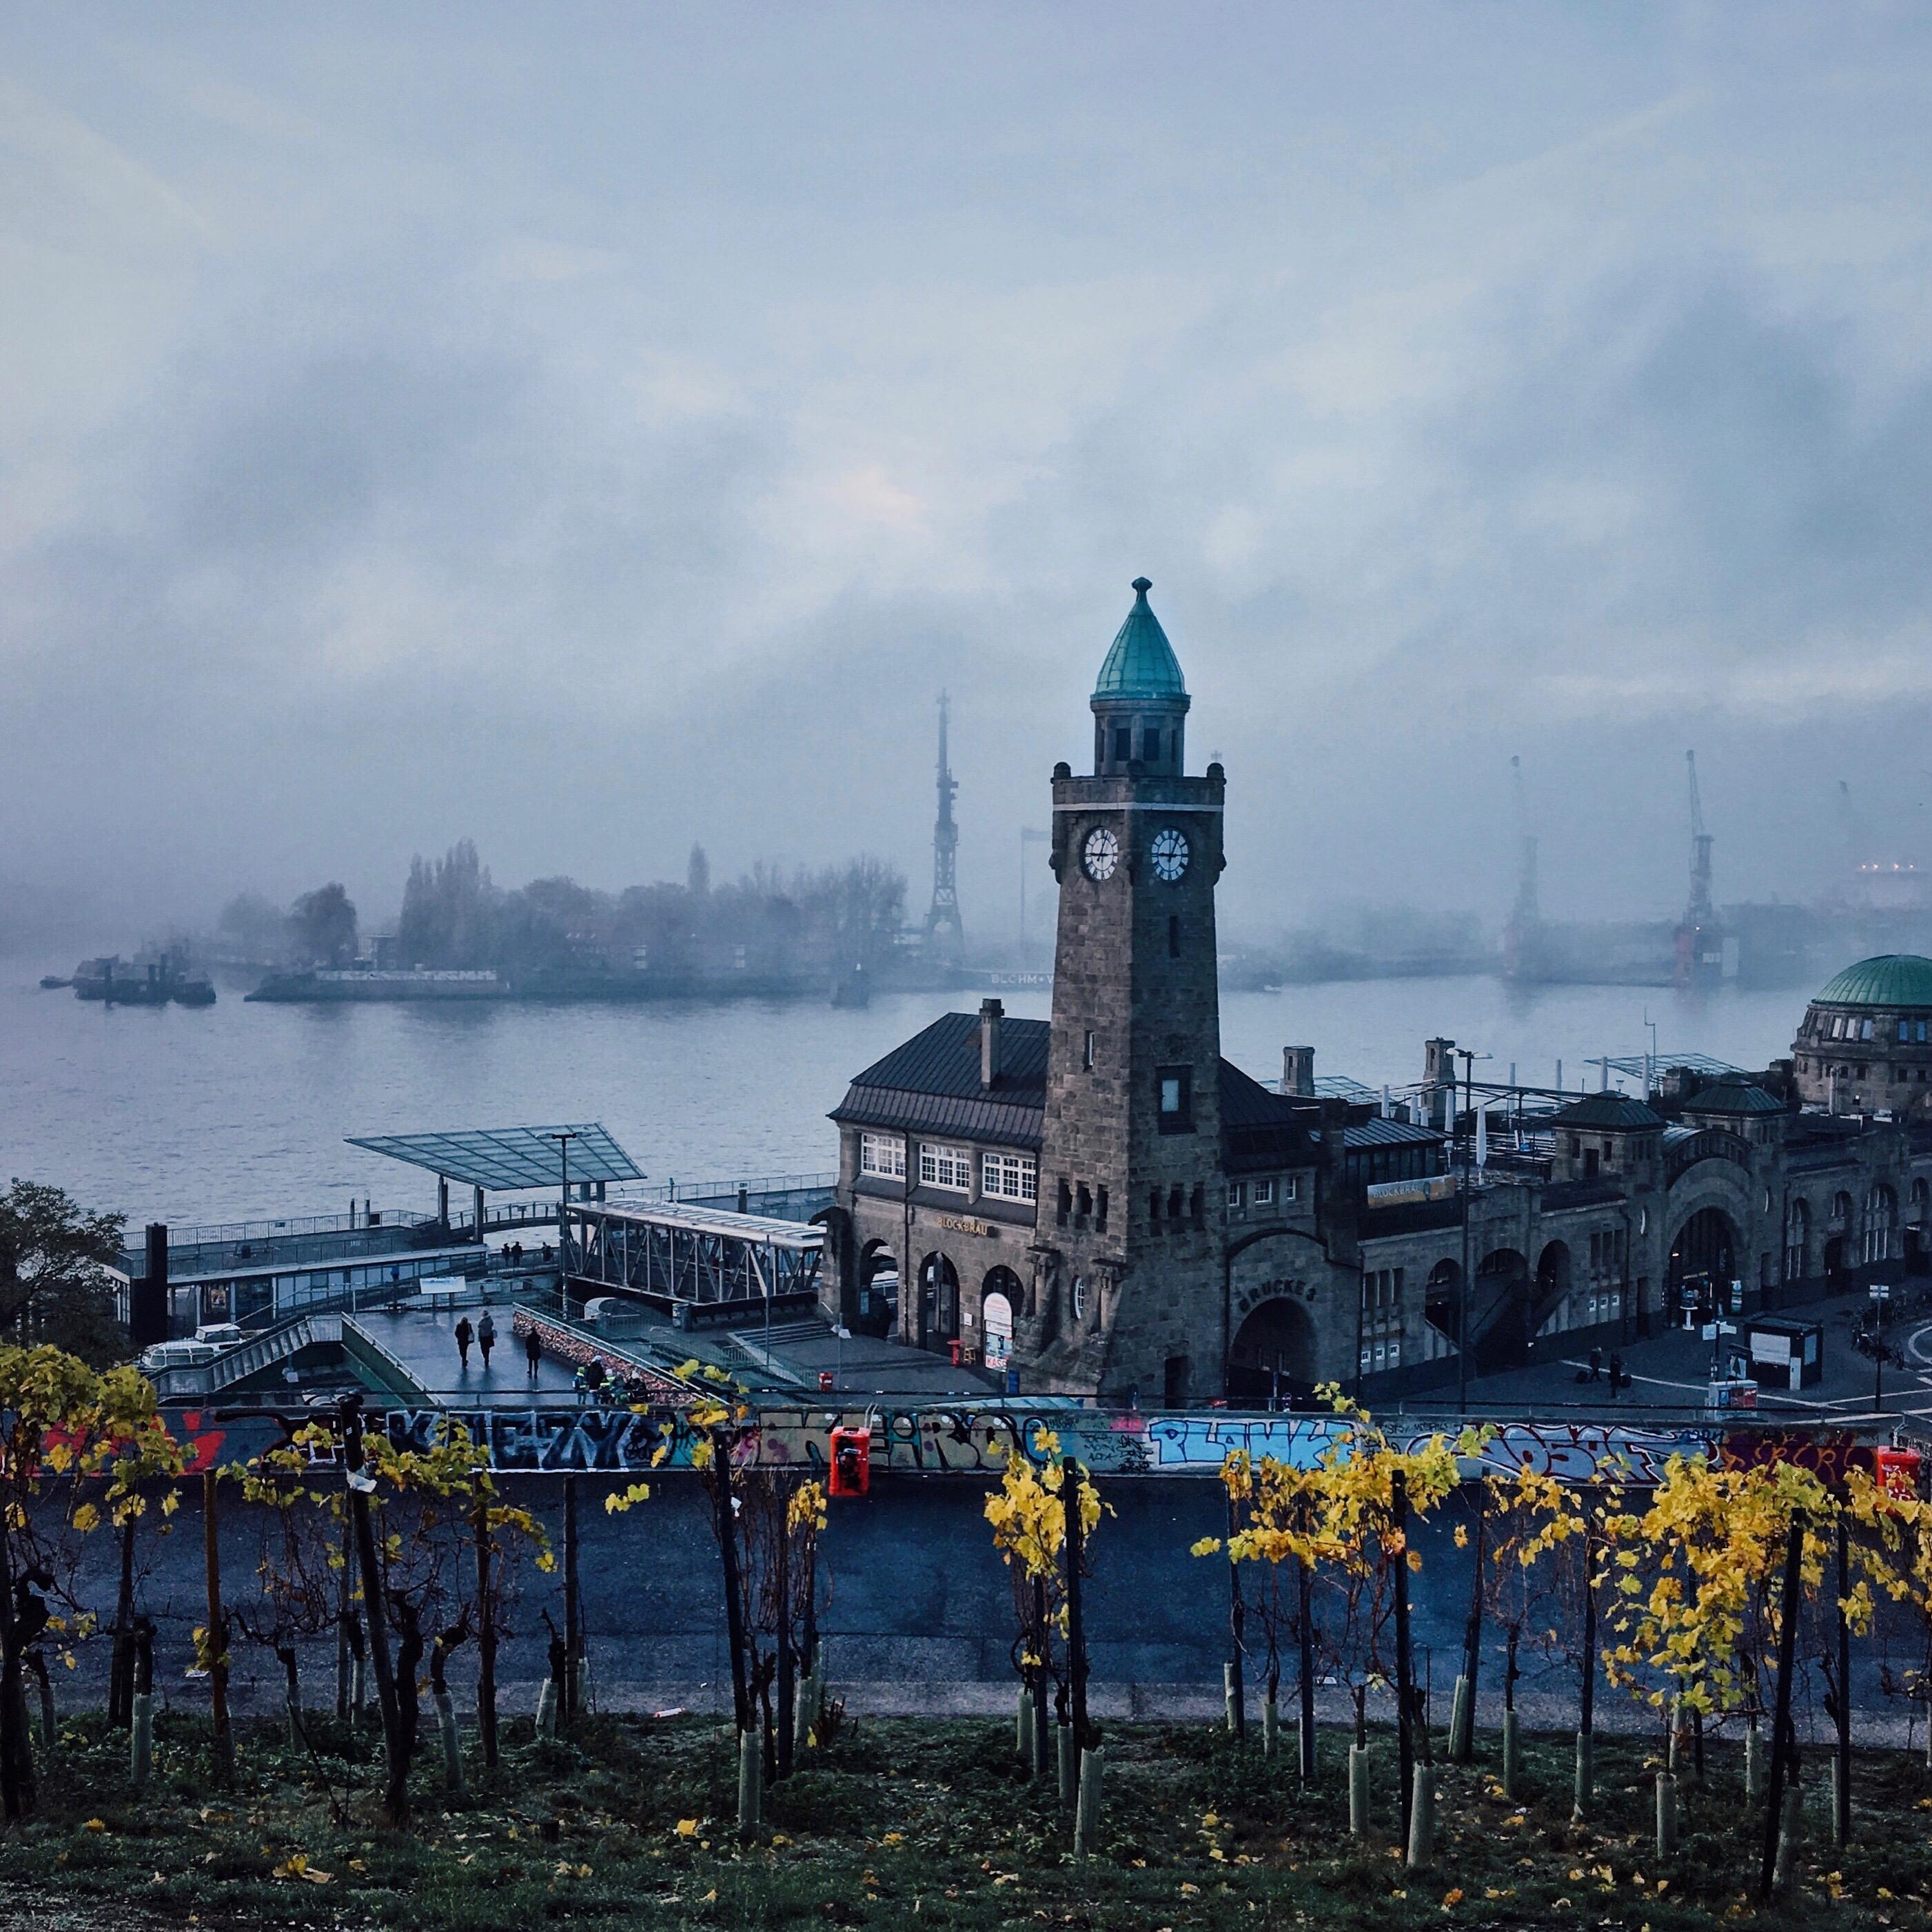 Fotospots Am Hamburger Hafen: Meine Location-Tipps Zum Fotografieren An Der Hafenkante